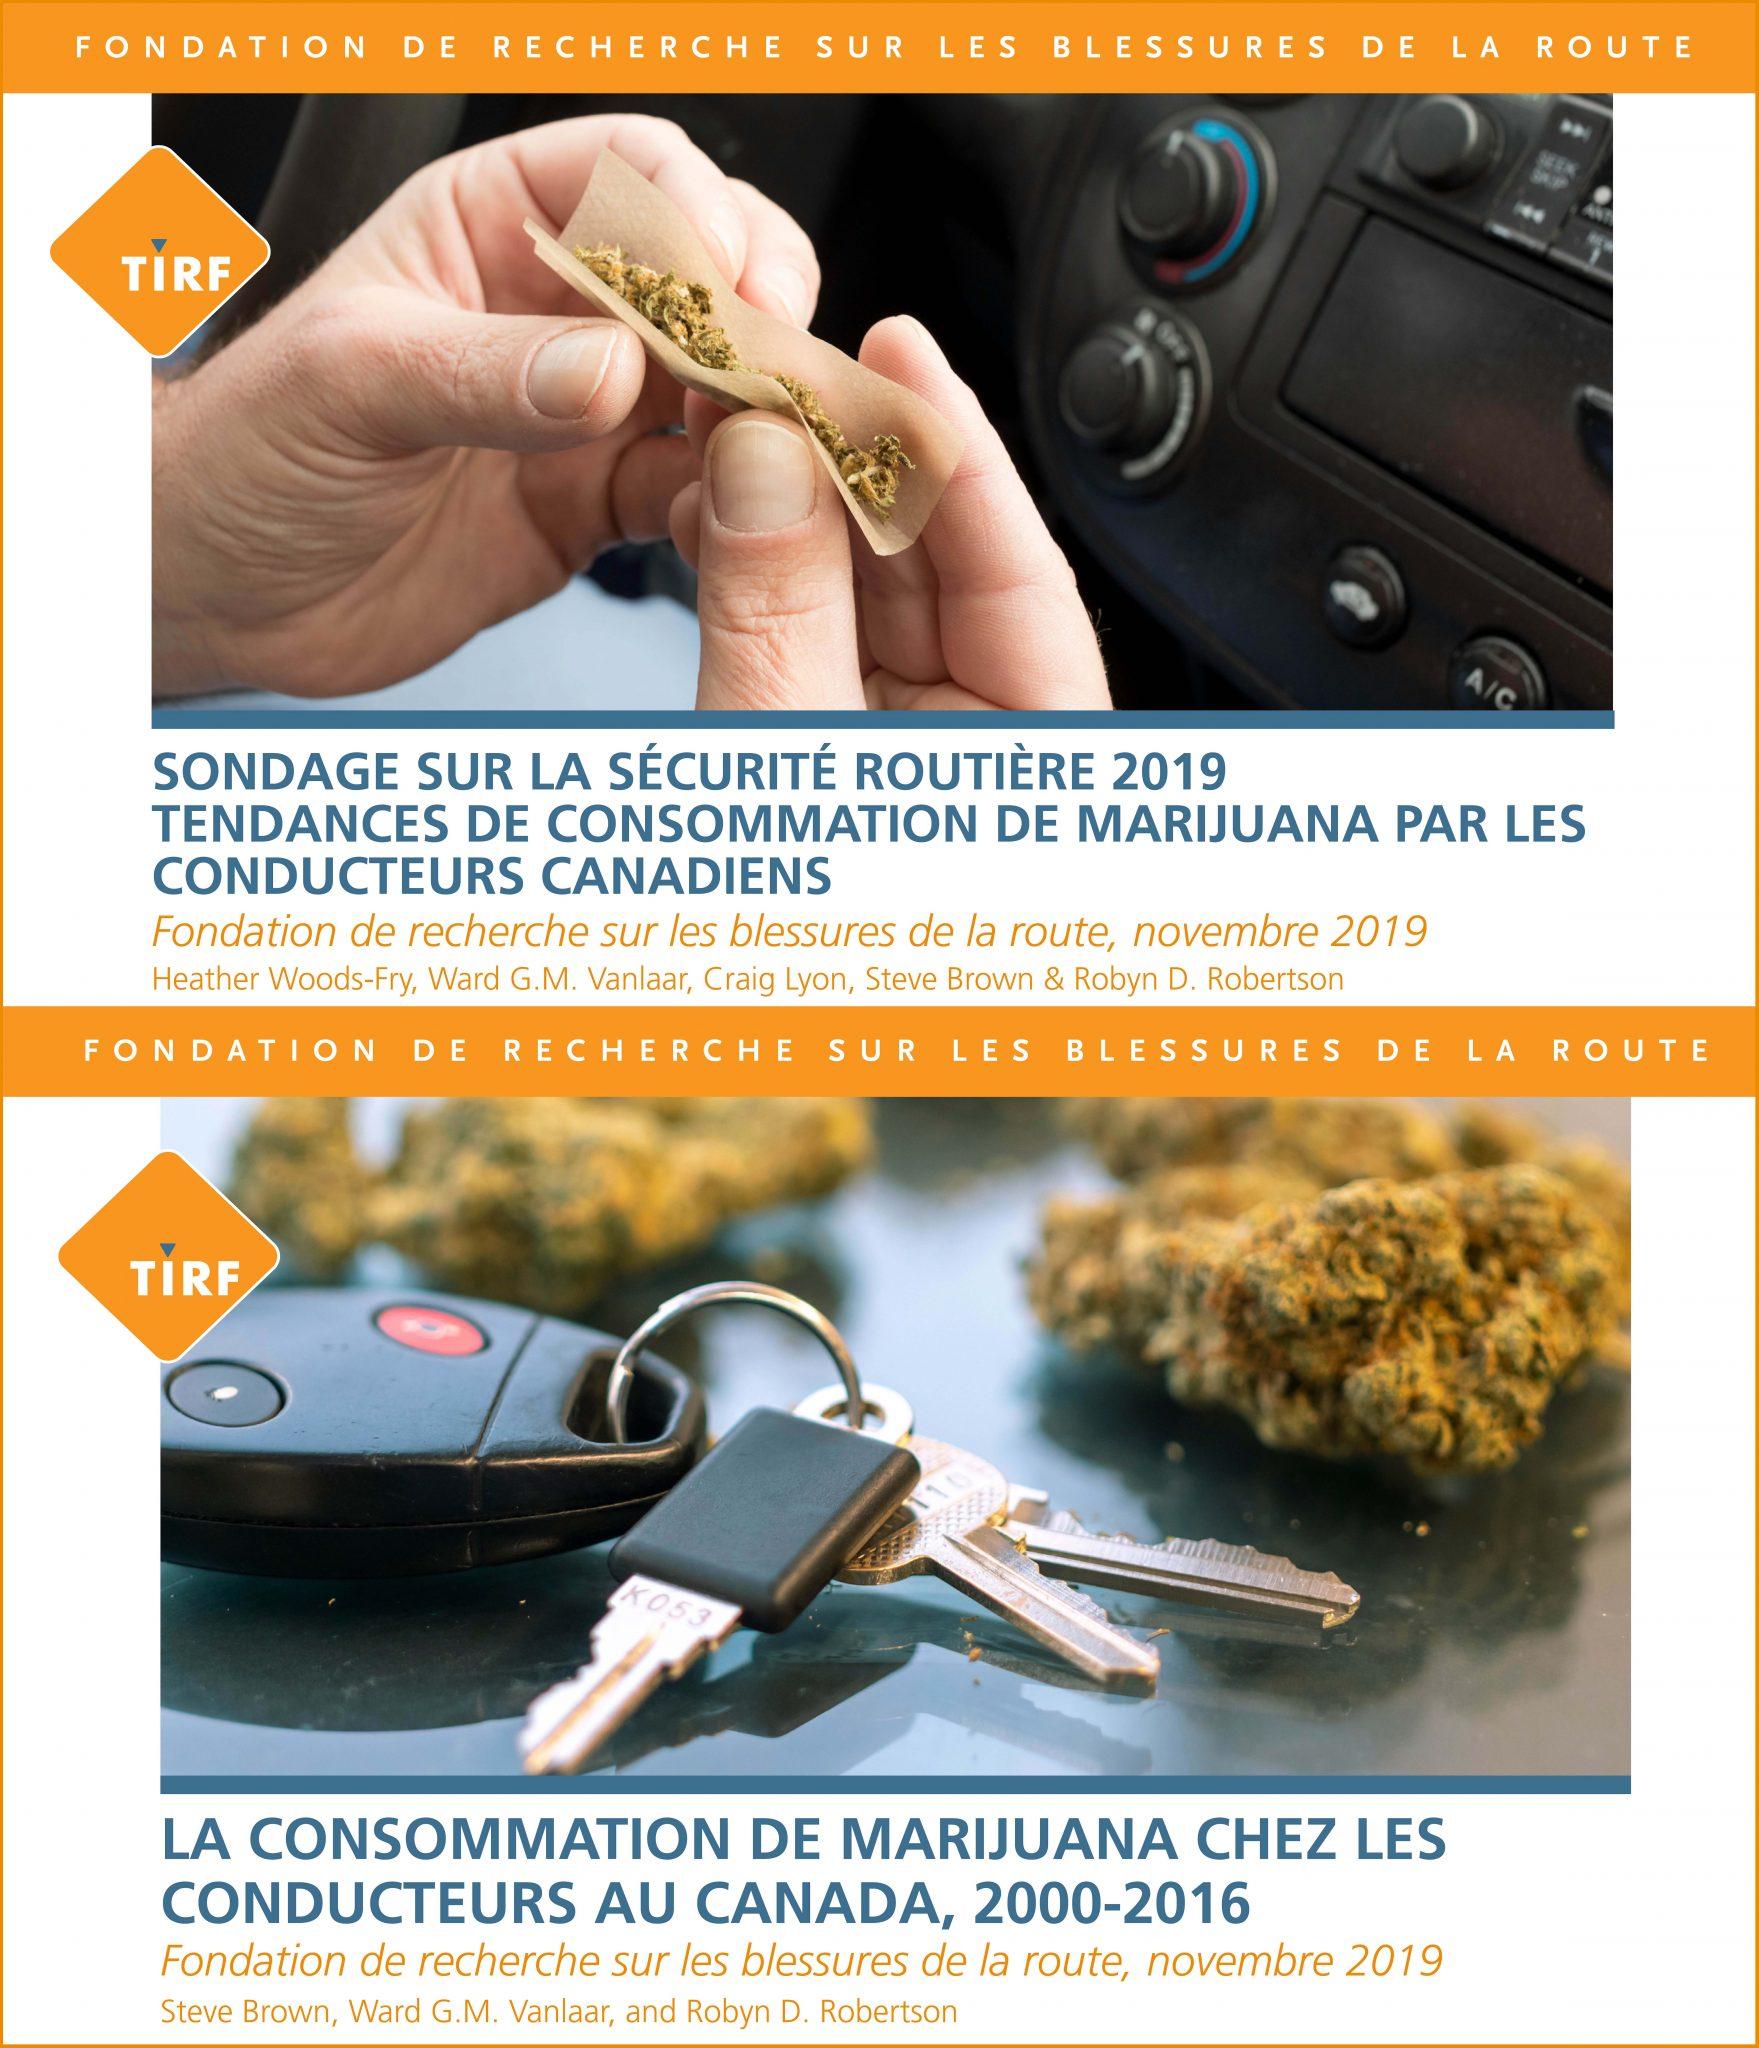 L'augmentation de la consommation de marijuana par les conducteurs et une prévalence croissante chez les conducteurs dans les collisions mortelles suscitent des inquiétudes